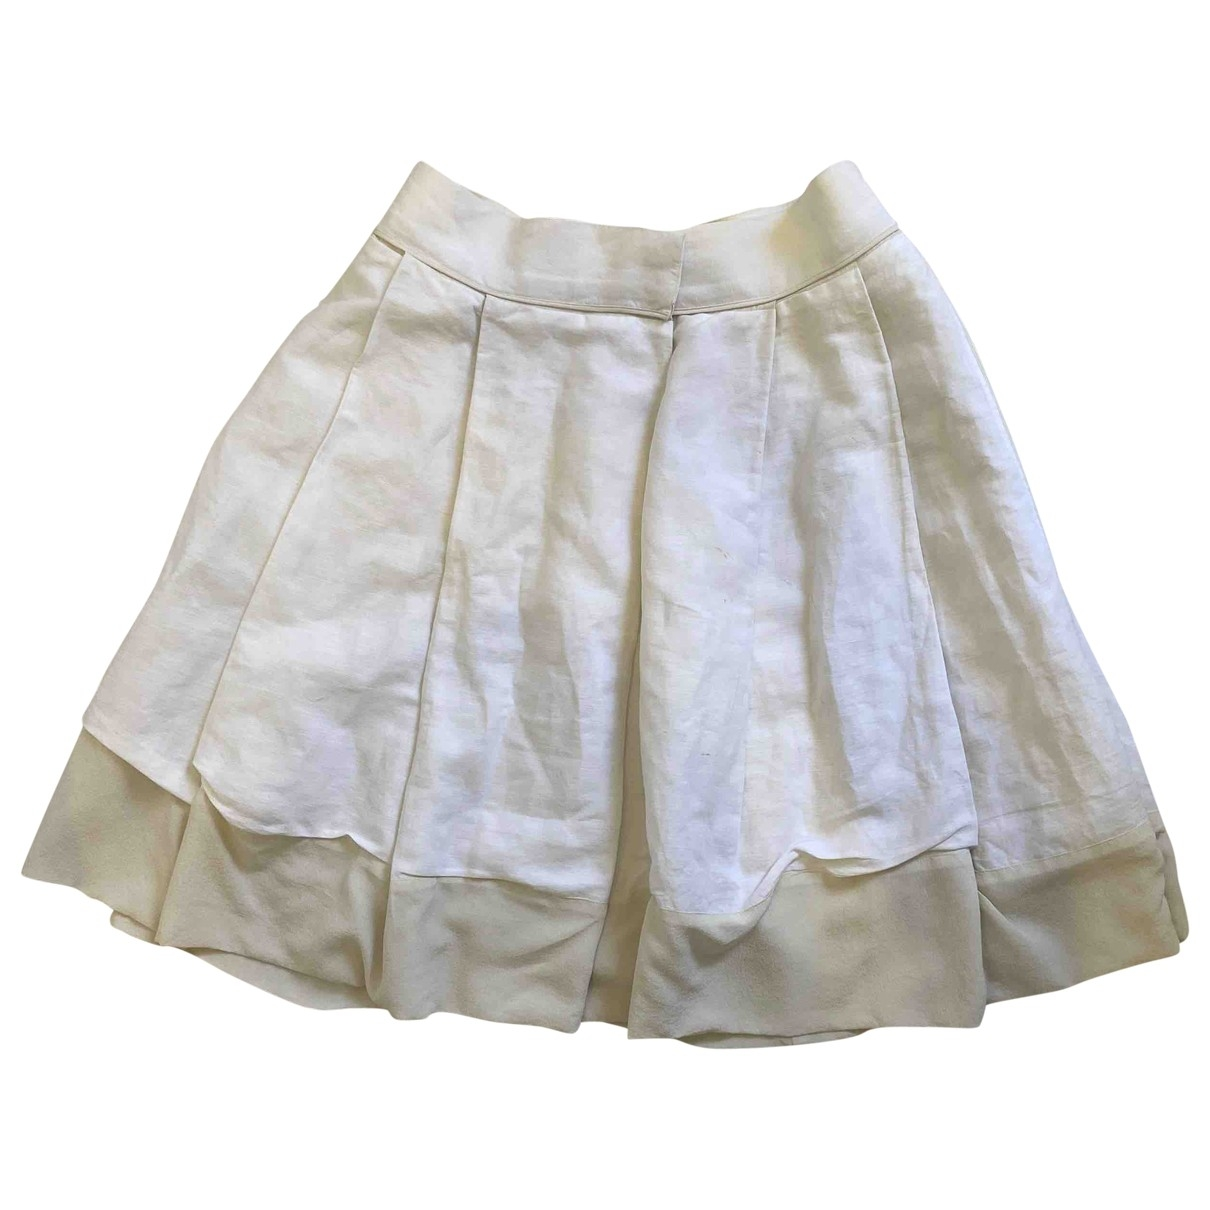 Chloé \N White Cotton skirt for Women 34 FR